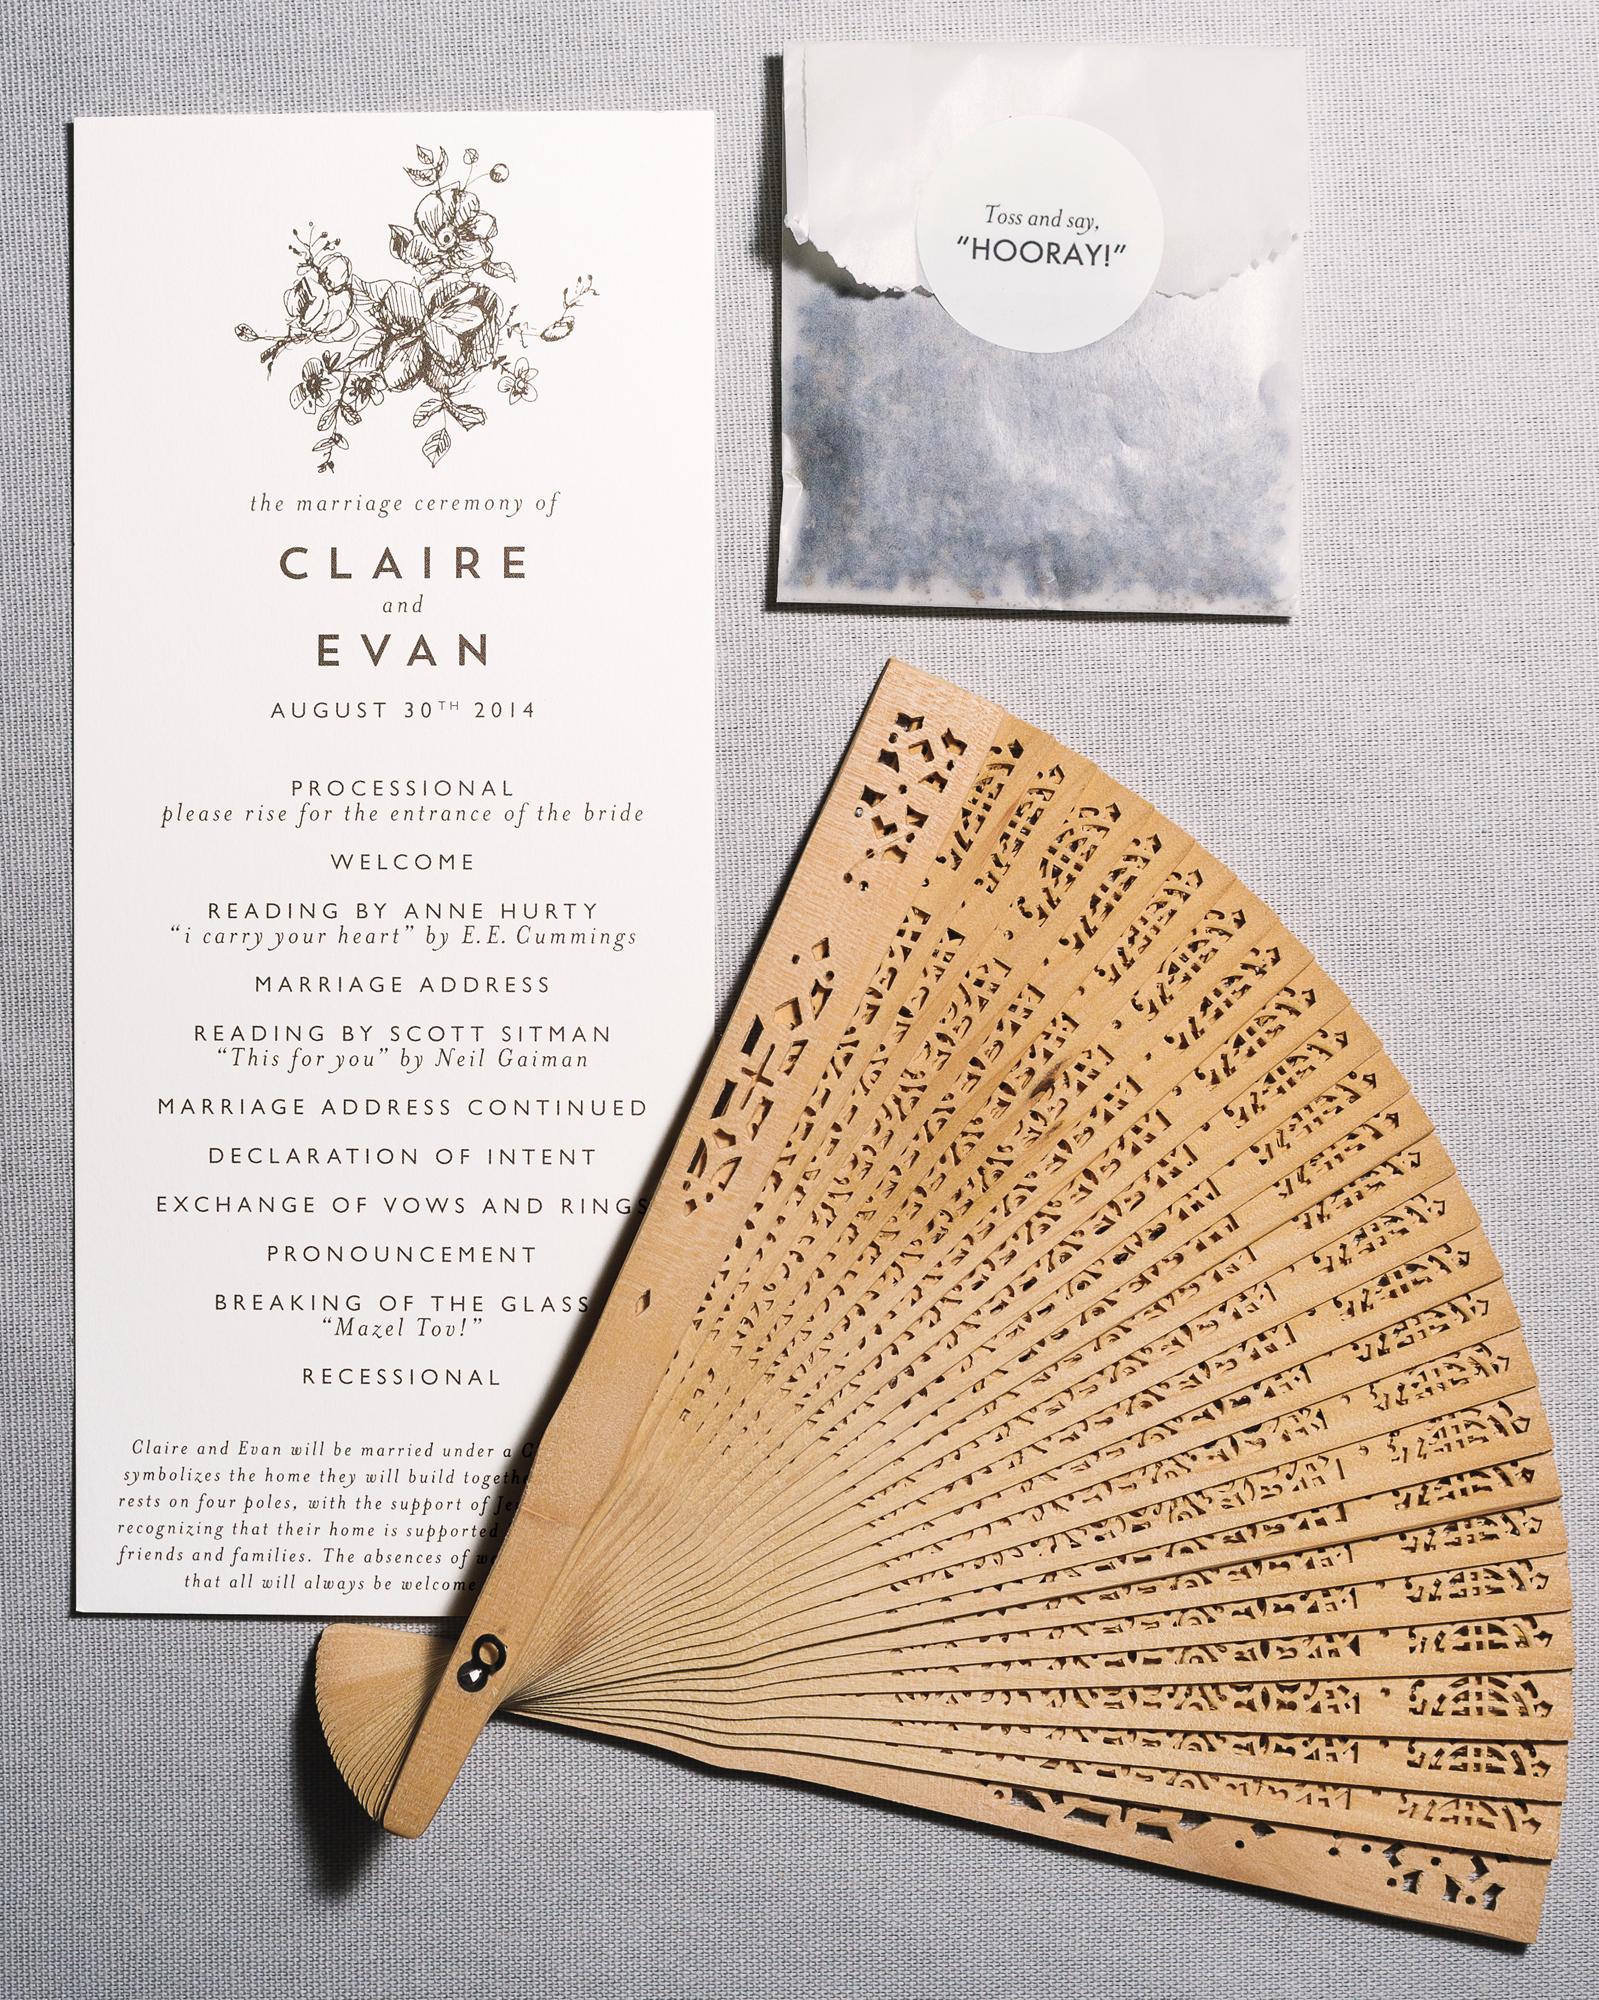 claire-evan-wedding-north-carolina-007-s111883.jpg